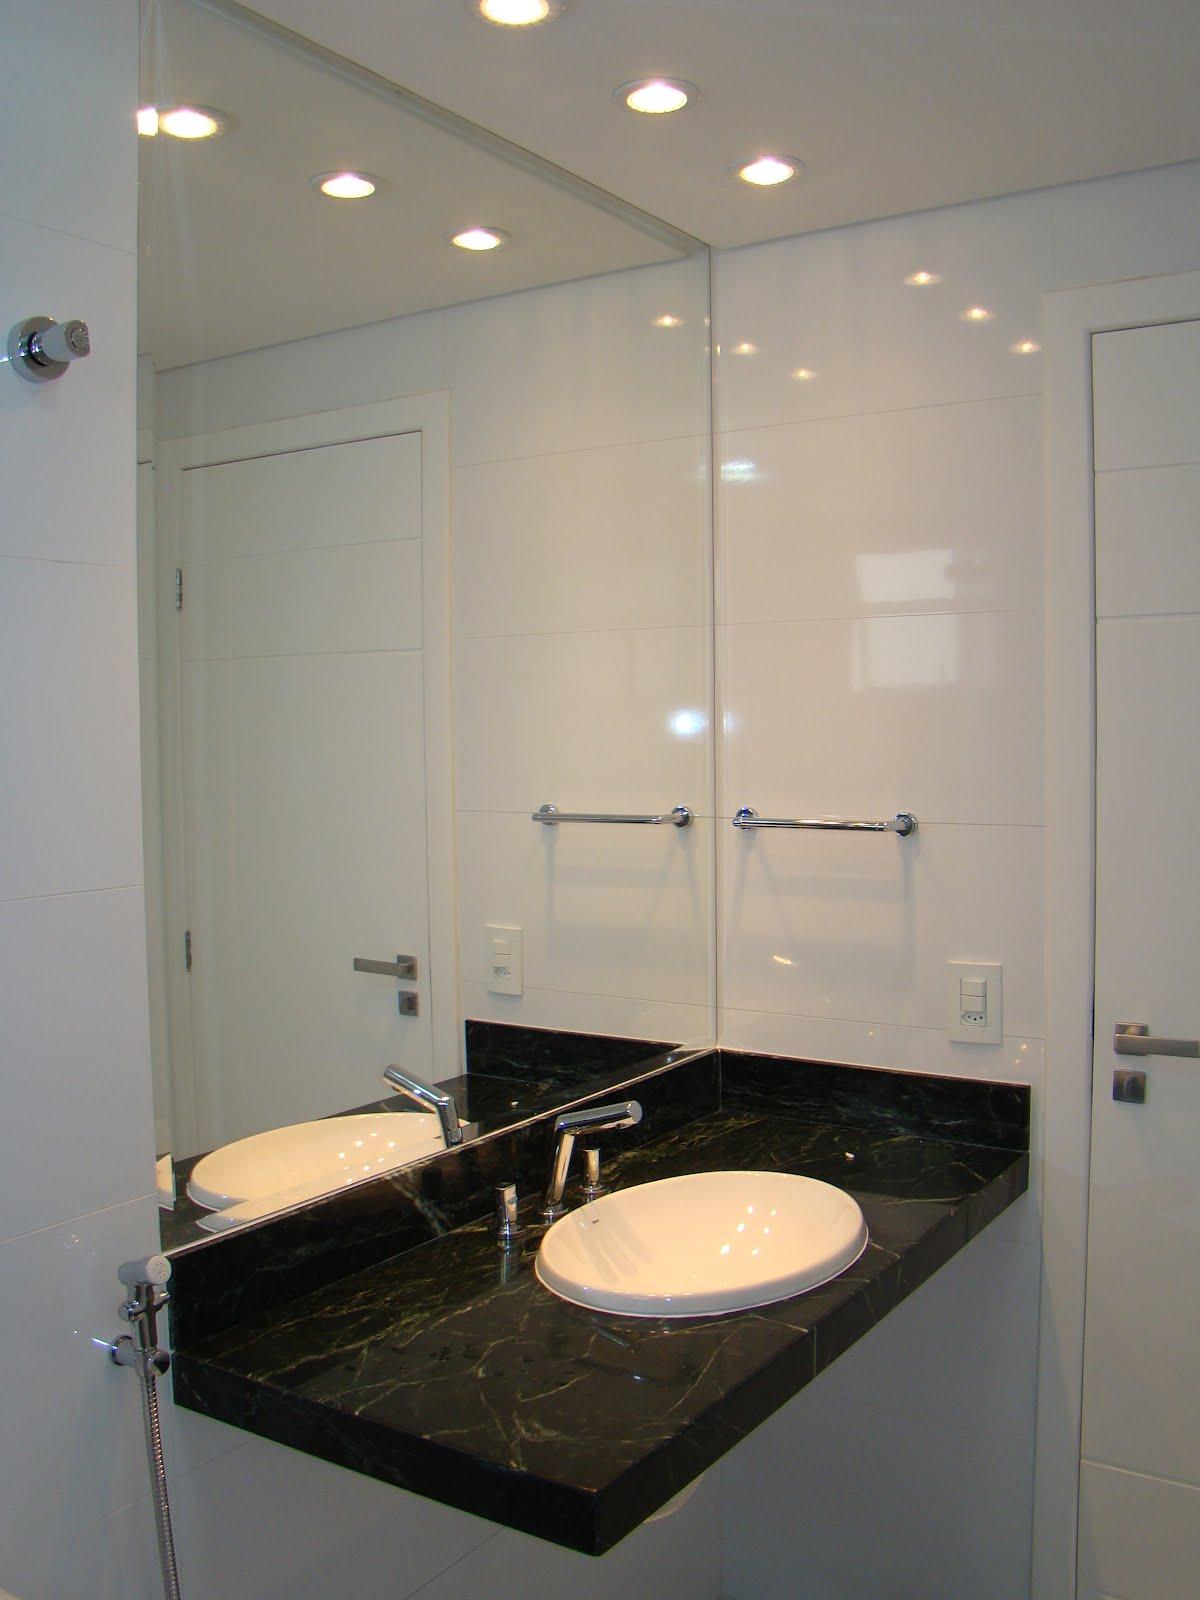 Cantarutti e Pupo Arquitetura: Banheiro #826A49 1200x1600 Banheiro Arquitetura